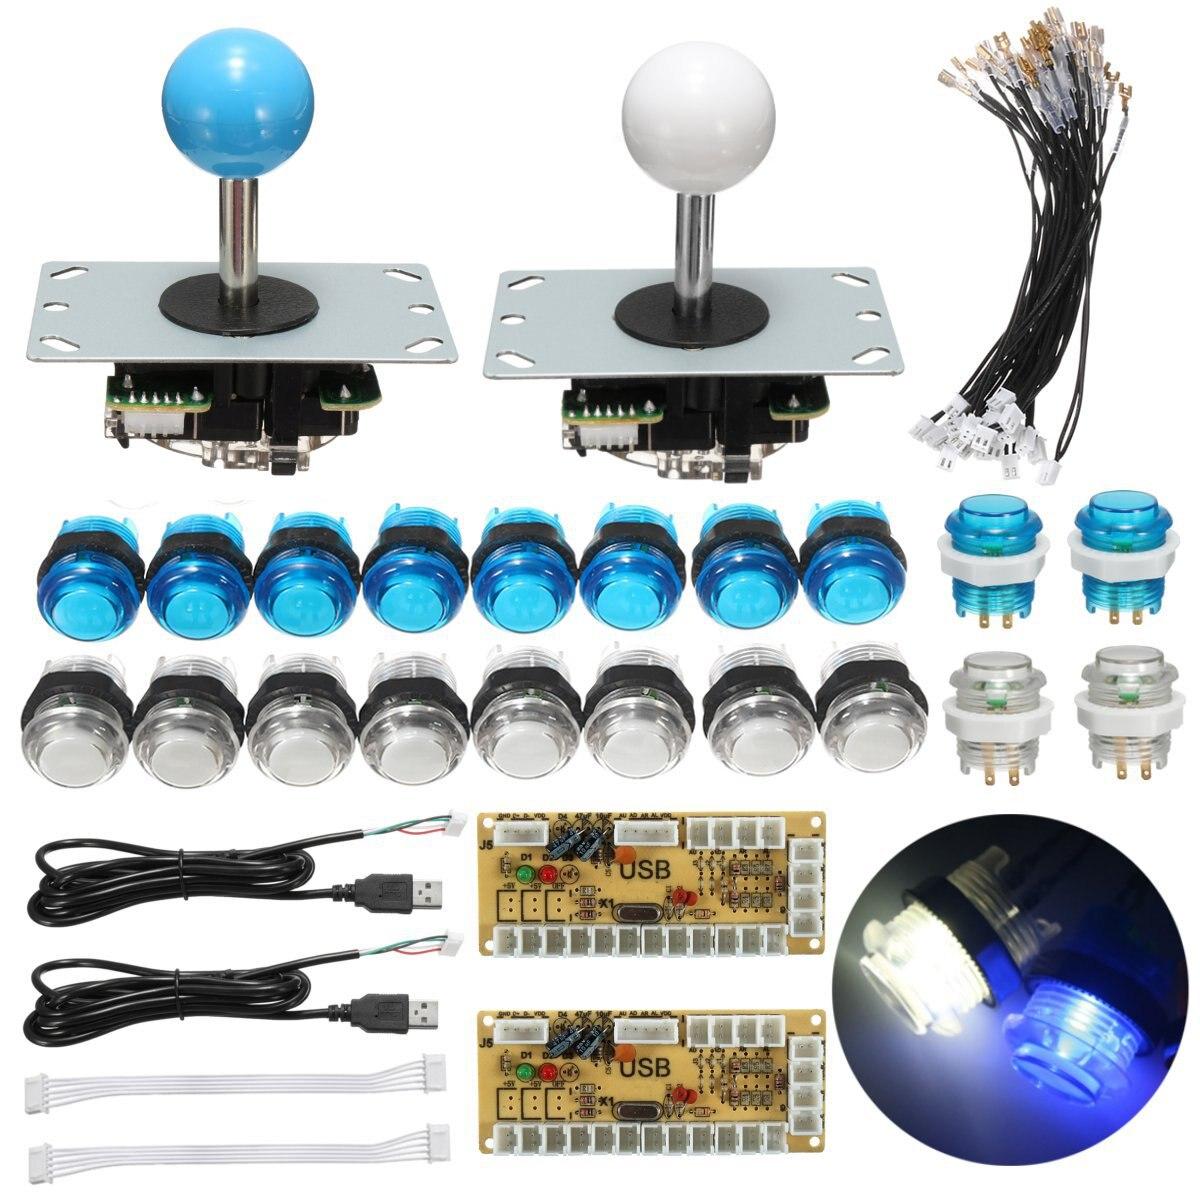 Cero retraso Joystick Arcade DIY Kit LED botón + Joystick + USB codificador + arnés de cable controlador USB para arcade Mame juego de Arcade